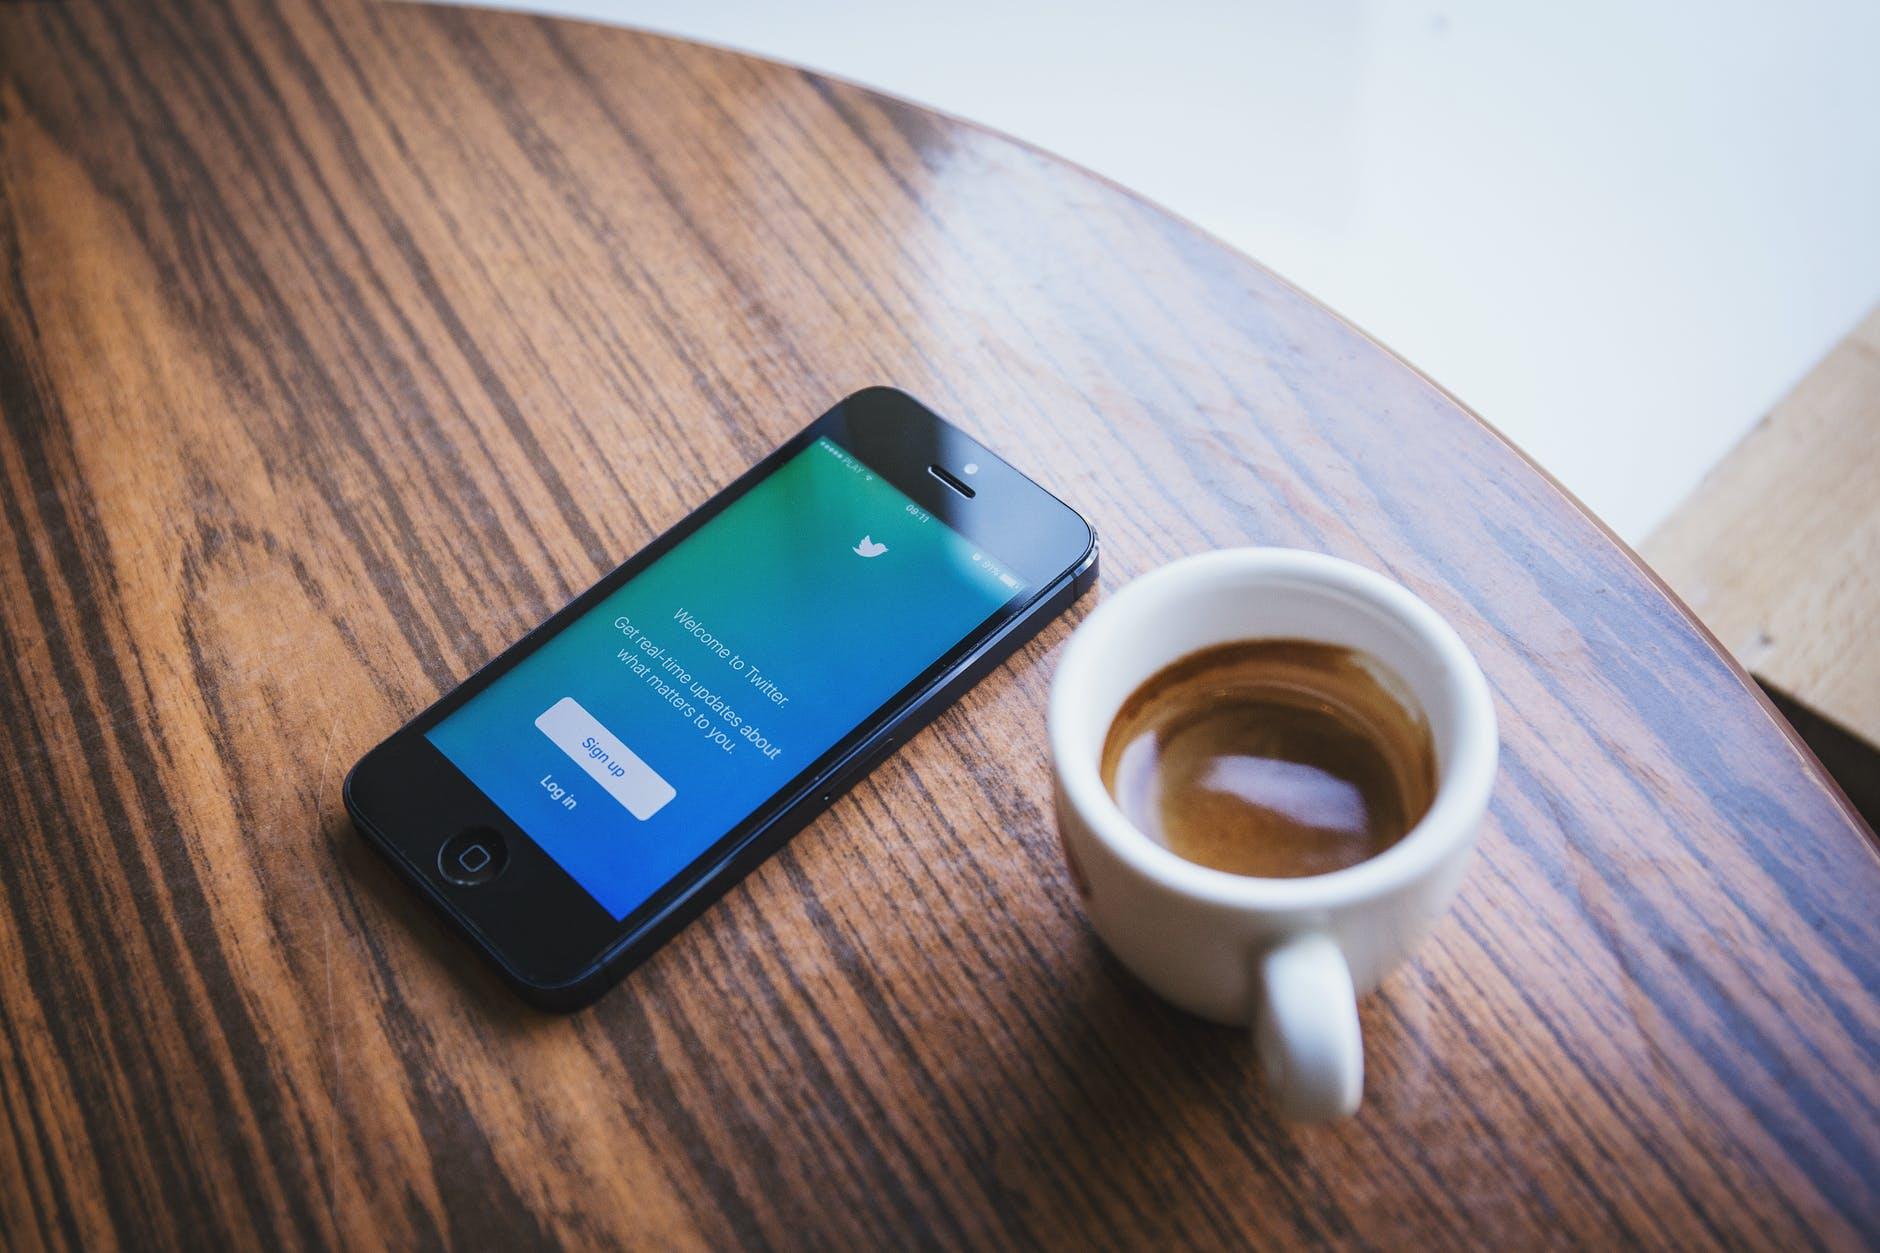 Uno smartphone ed una tazzina di caffè su un tavolino di legno con venature marrone scure